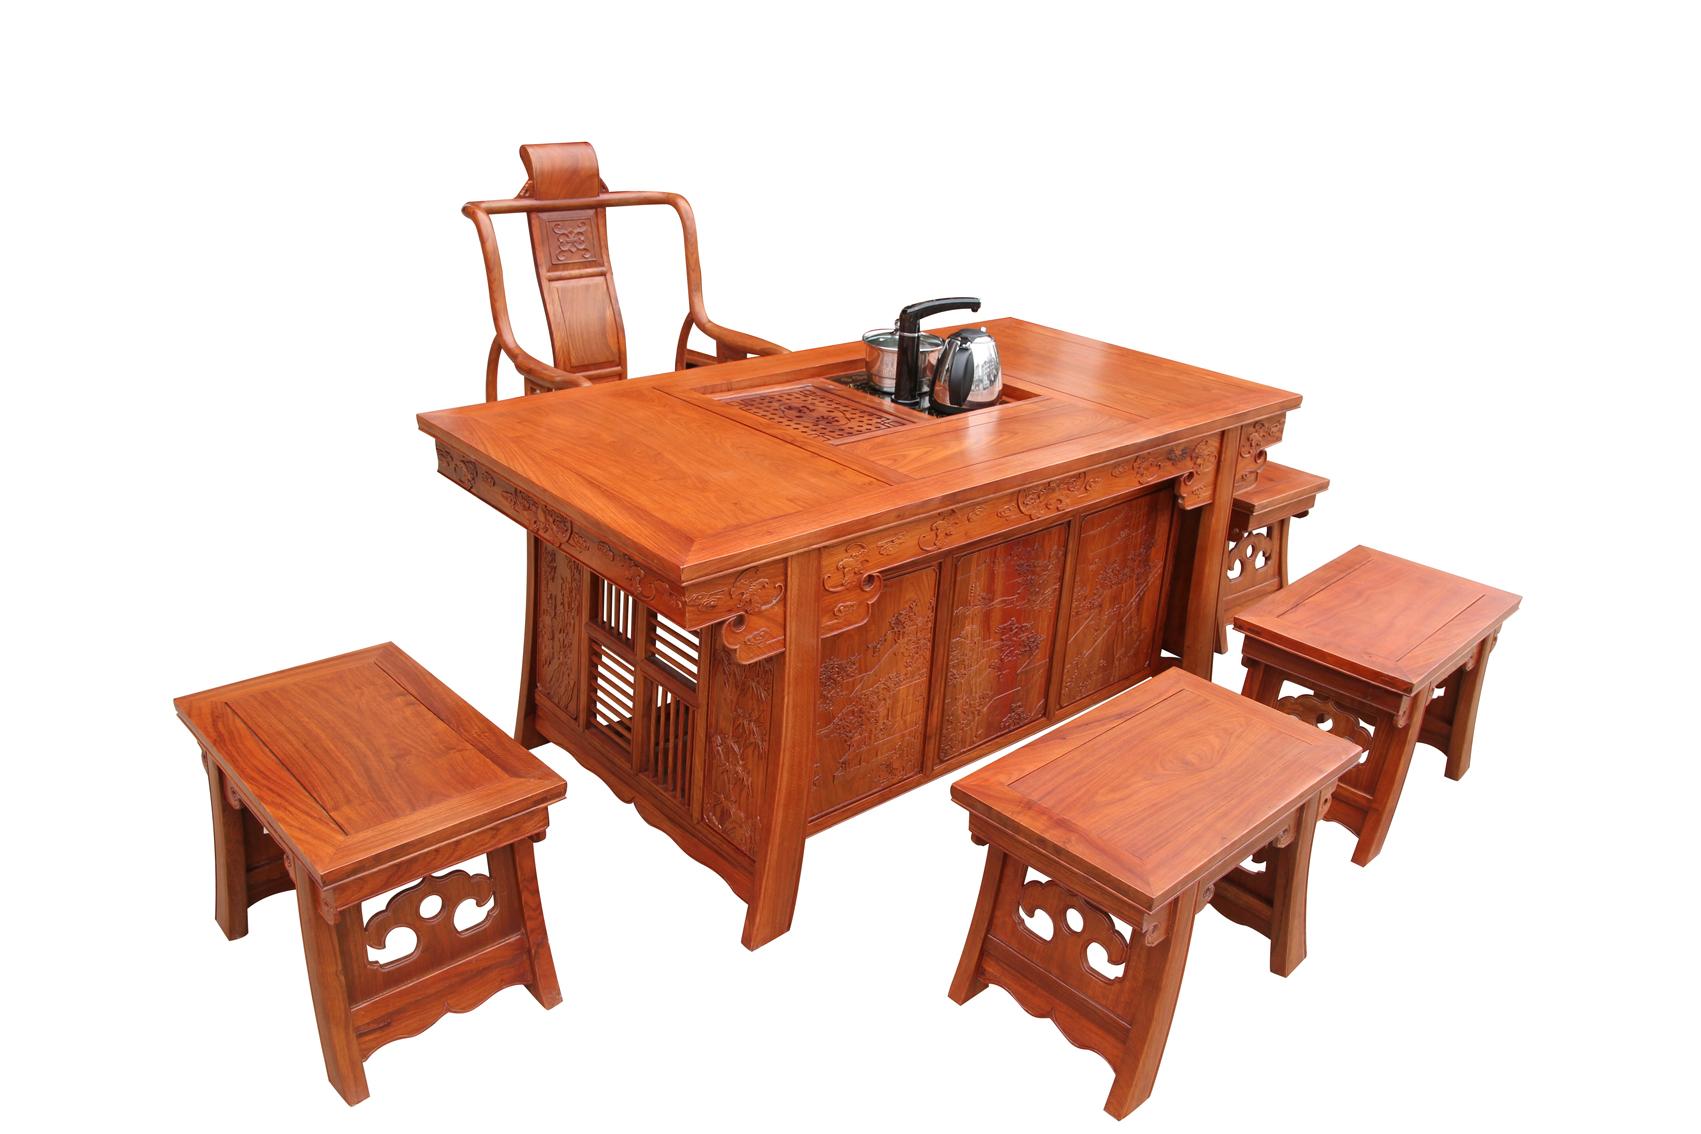 东阳家具批发/东阳家具市场/东阳成套家具价格/红木茶桌/红木茶台